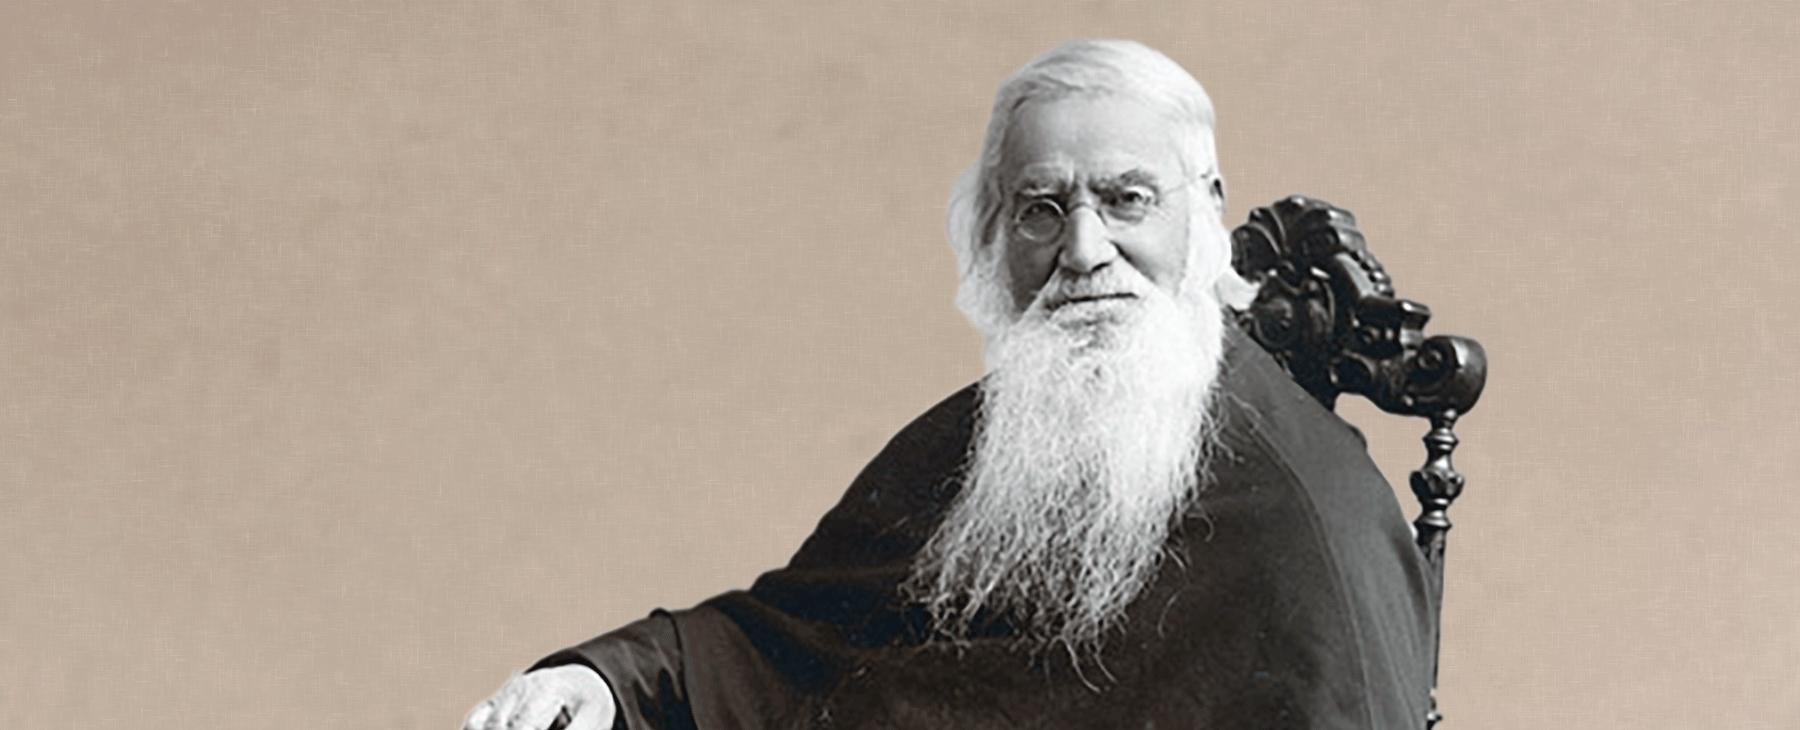 Rev. Edward Sorin, C.S.C.